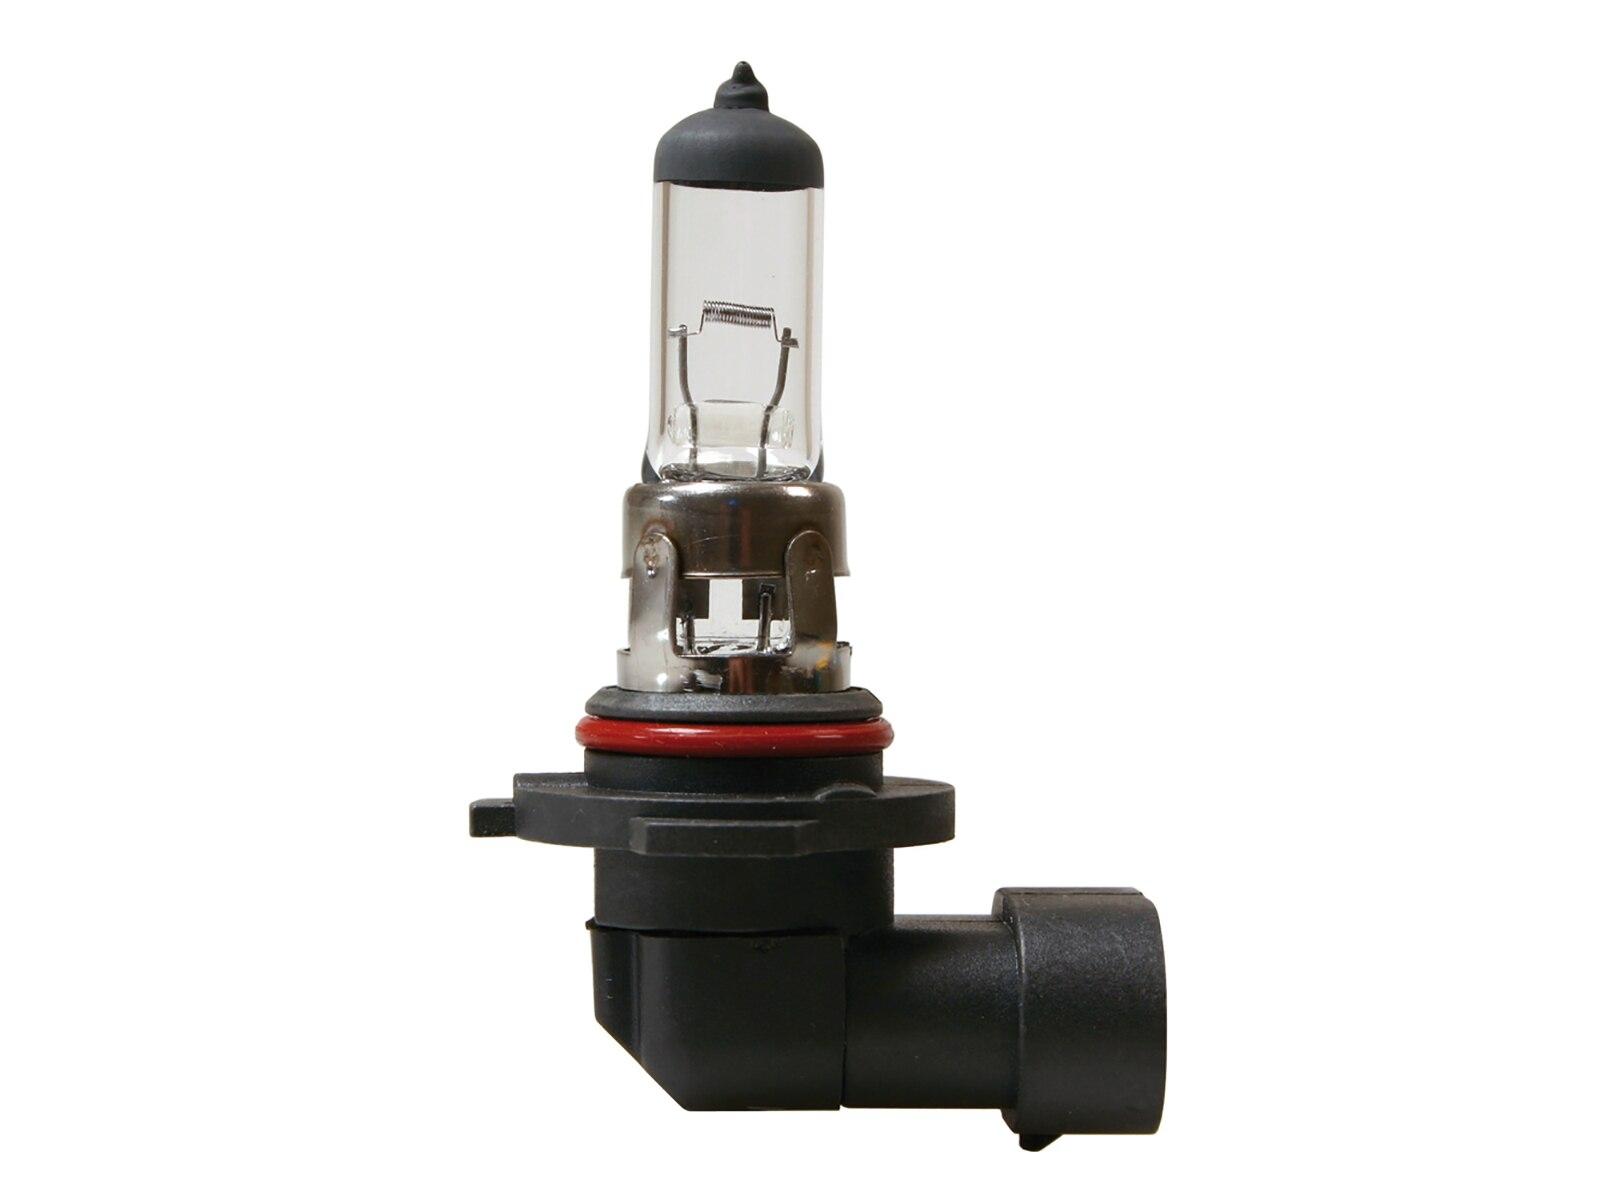 Стандартная галогенная лампа для автомобиля, 12 В, H12 53 Вт PZ20d